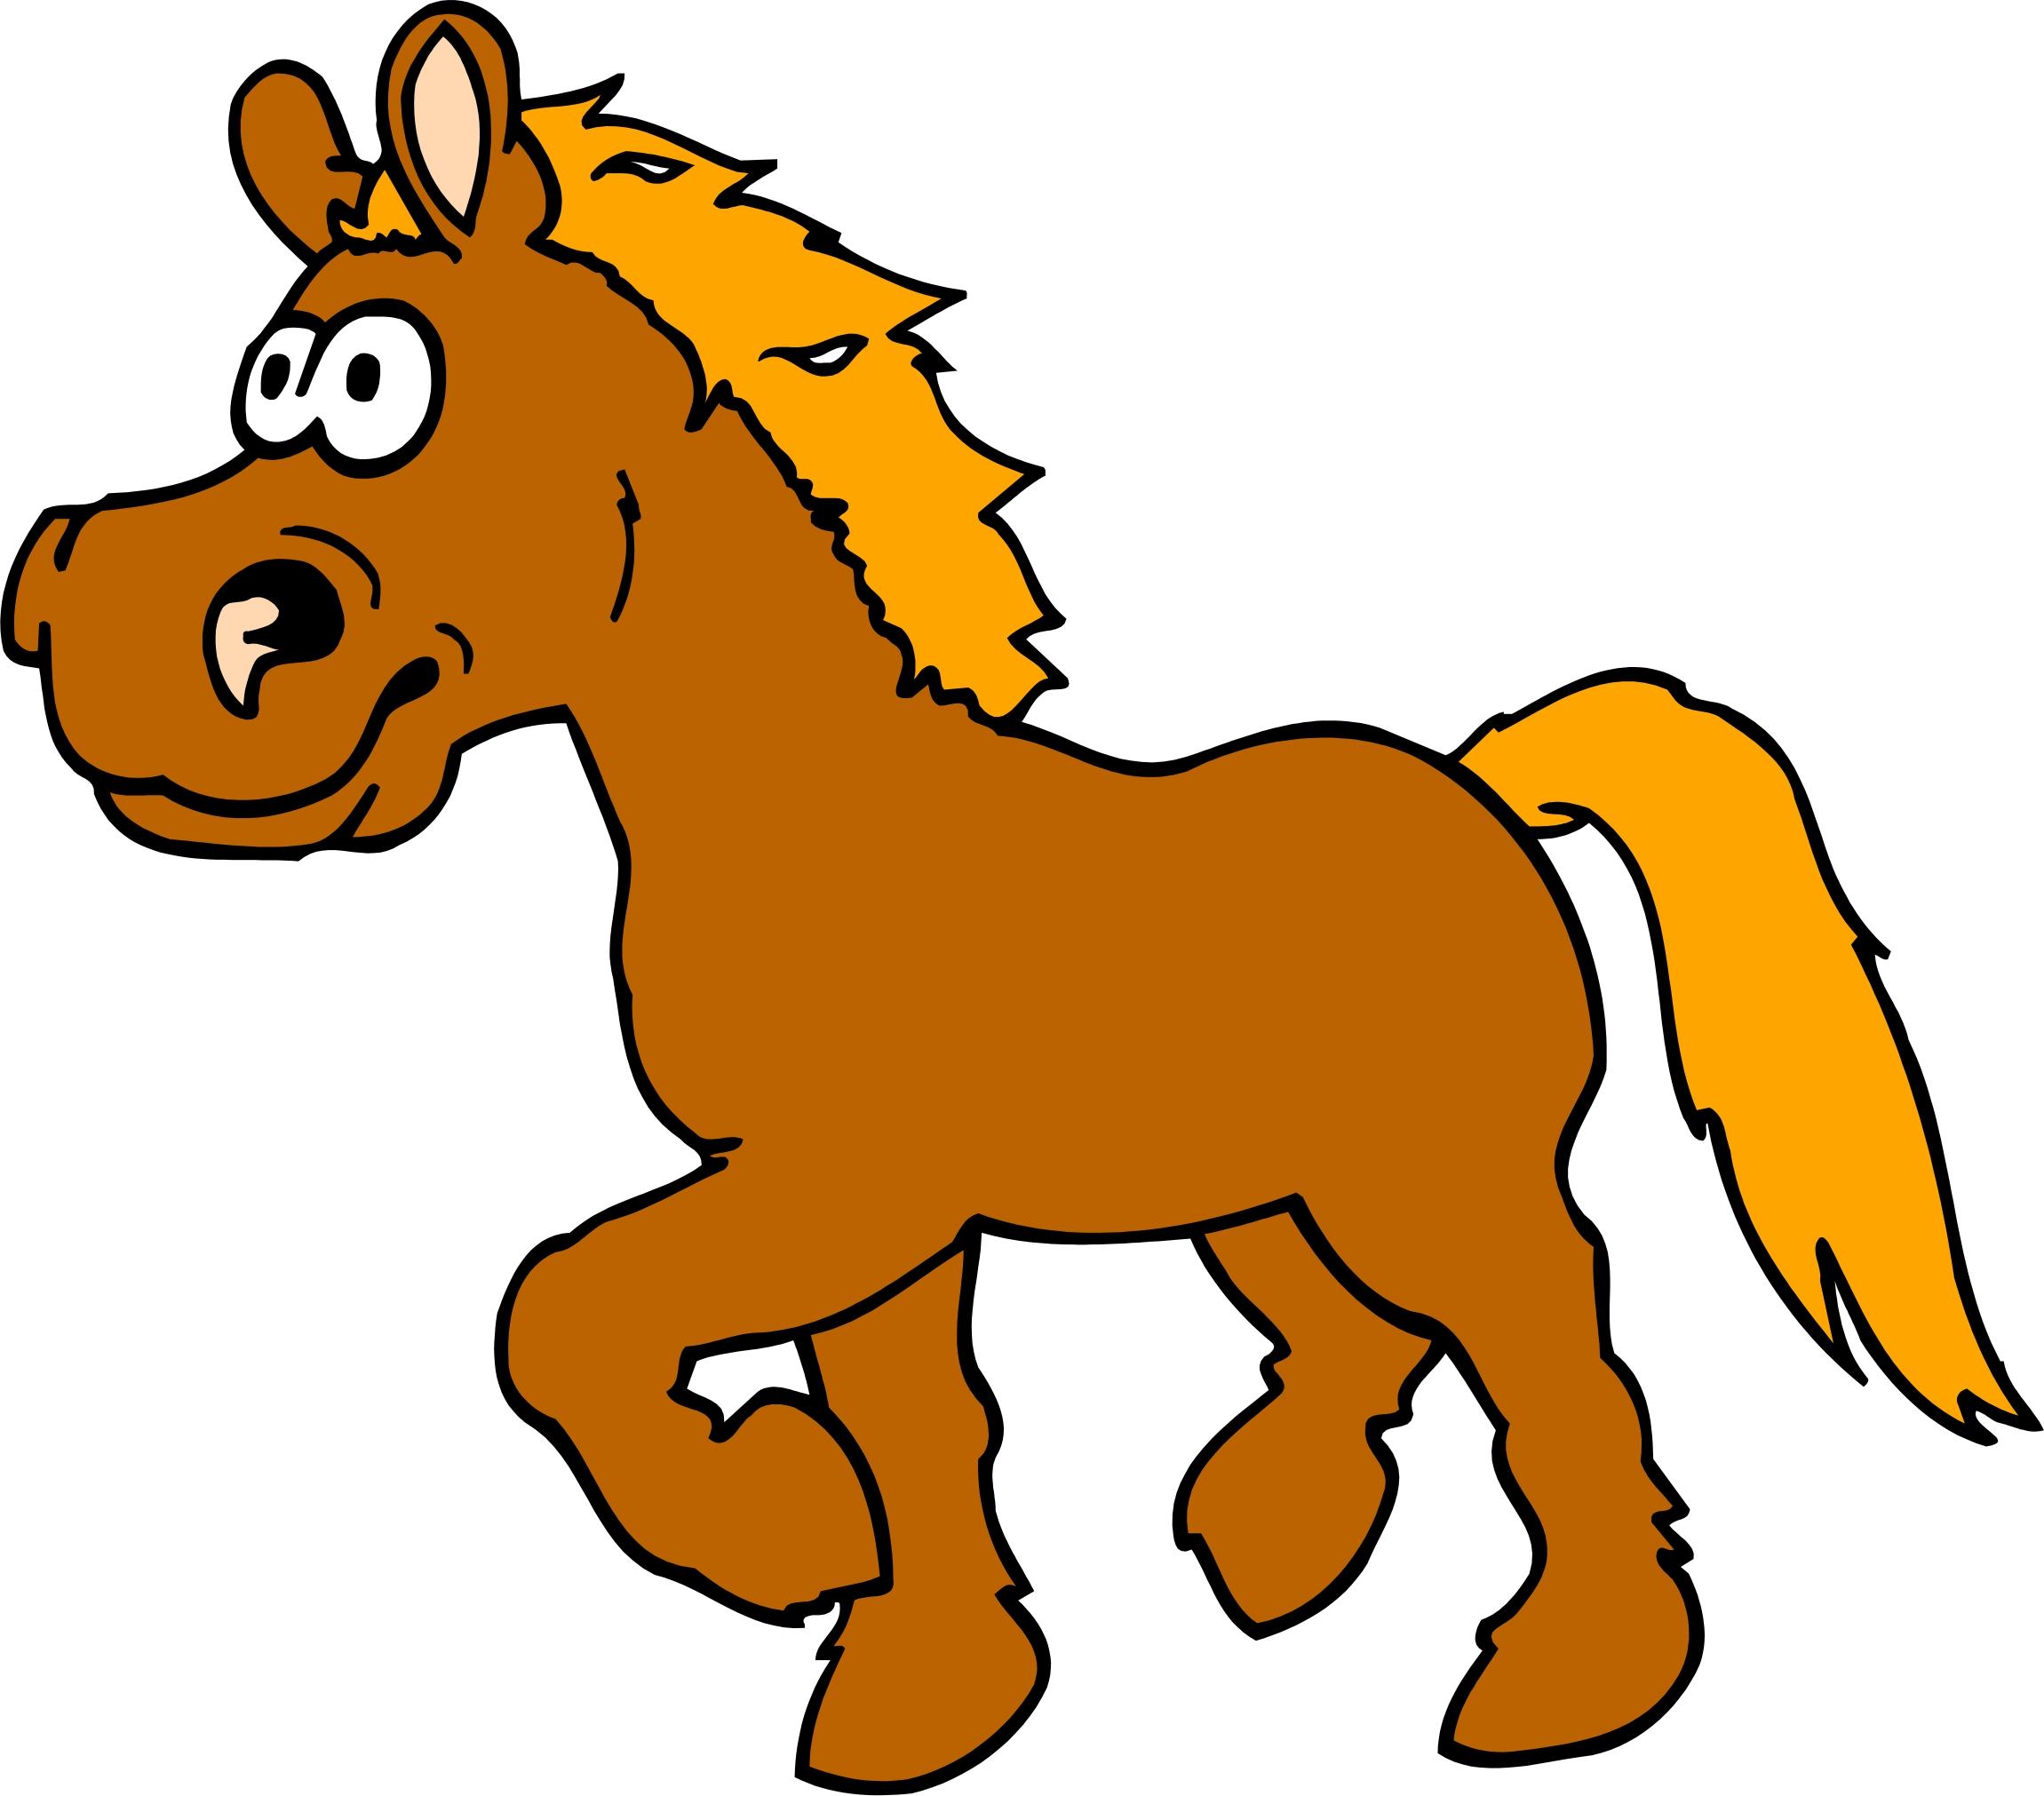 Funny Horse Mascot